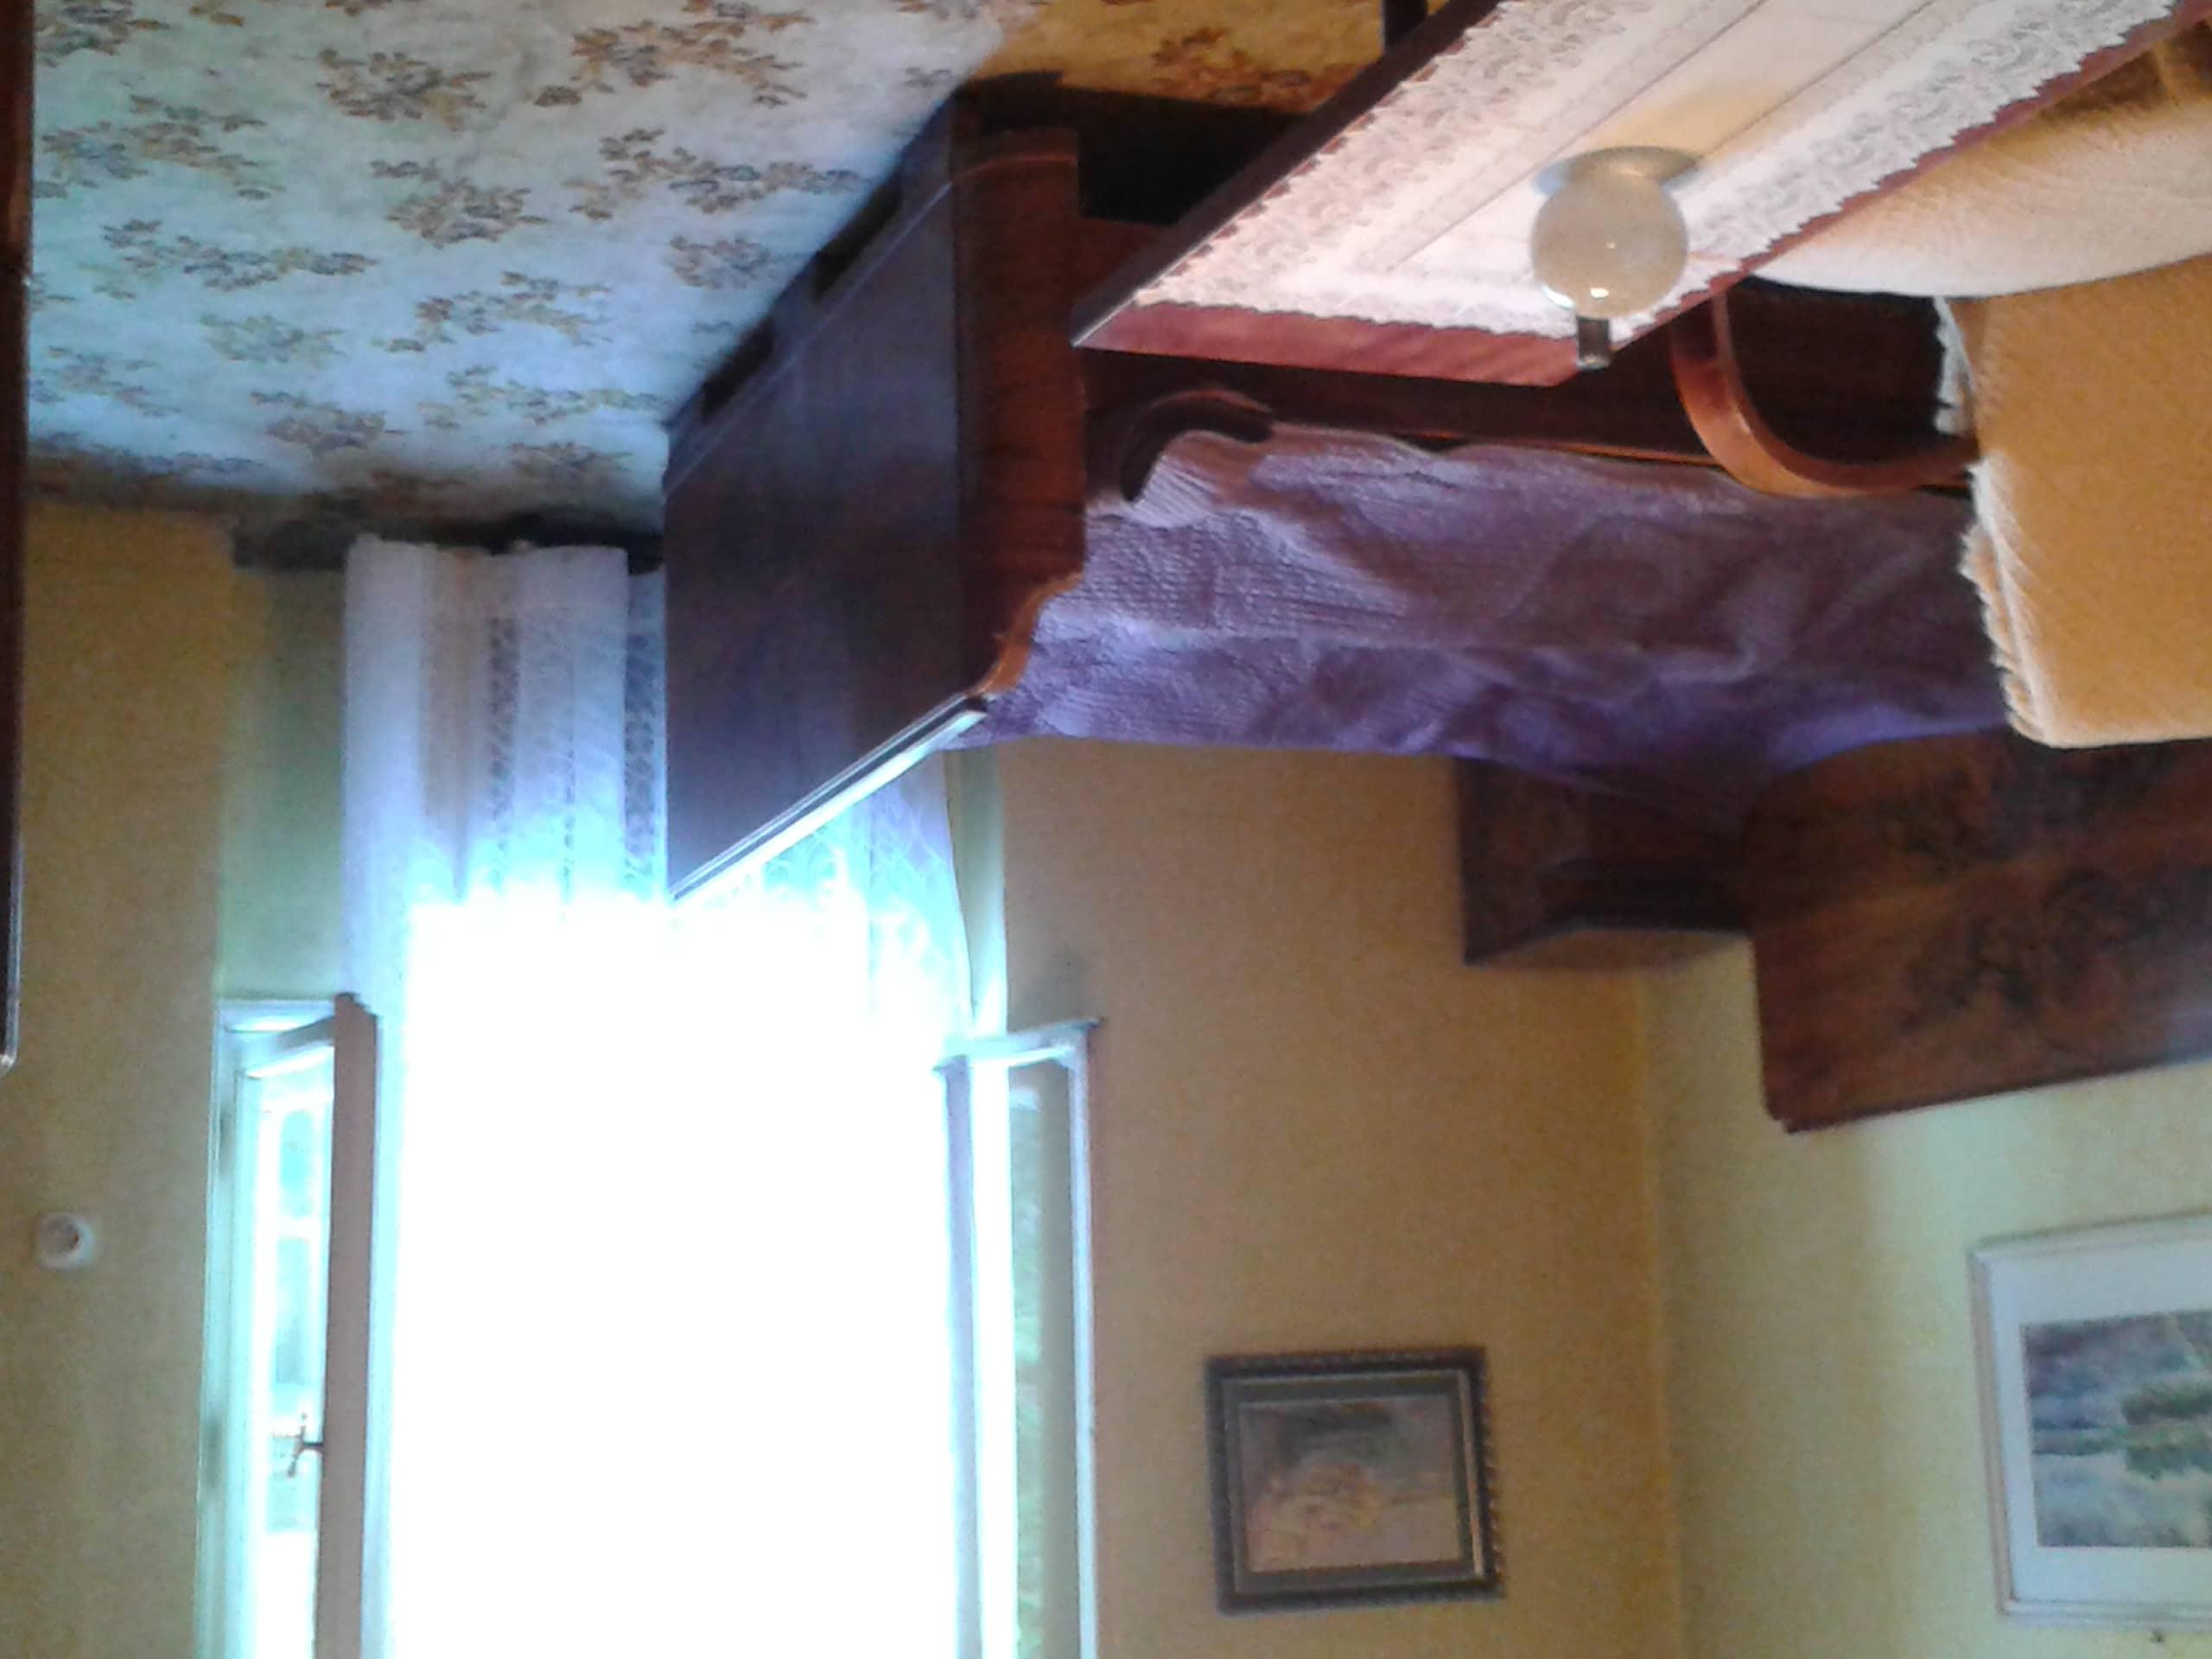 למכירה דירת 2 חדרים בשכונת ז'יז'קוב בפראג11 (15)